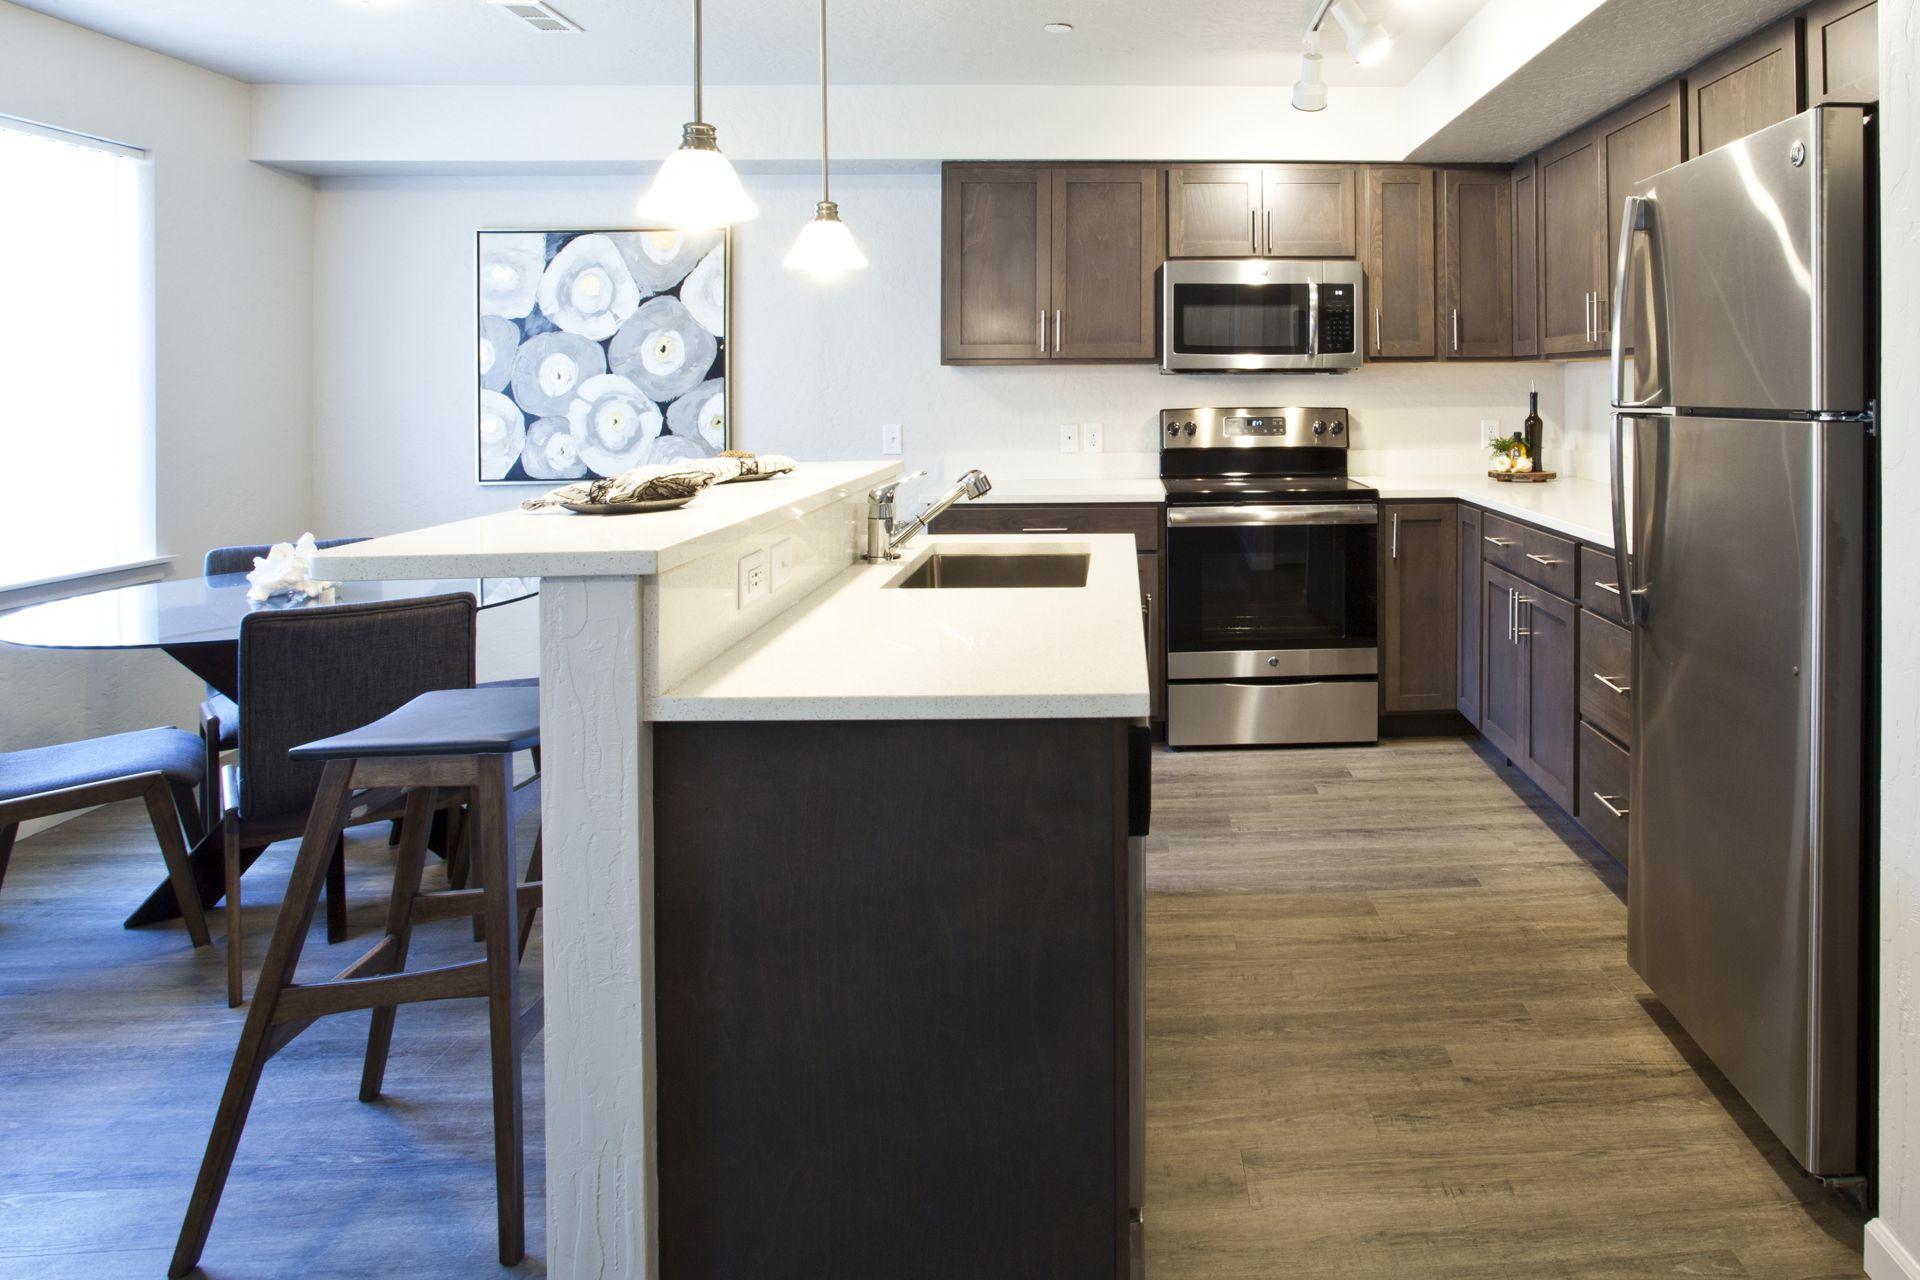 Gallery Riverview Lofts Apartments In Spokane Wa 99202